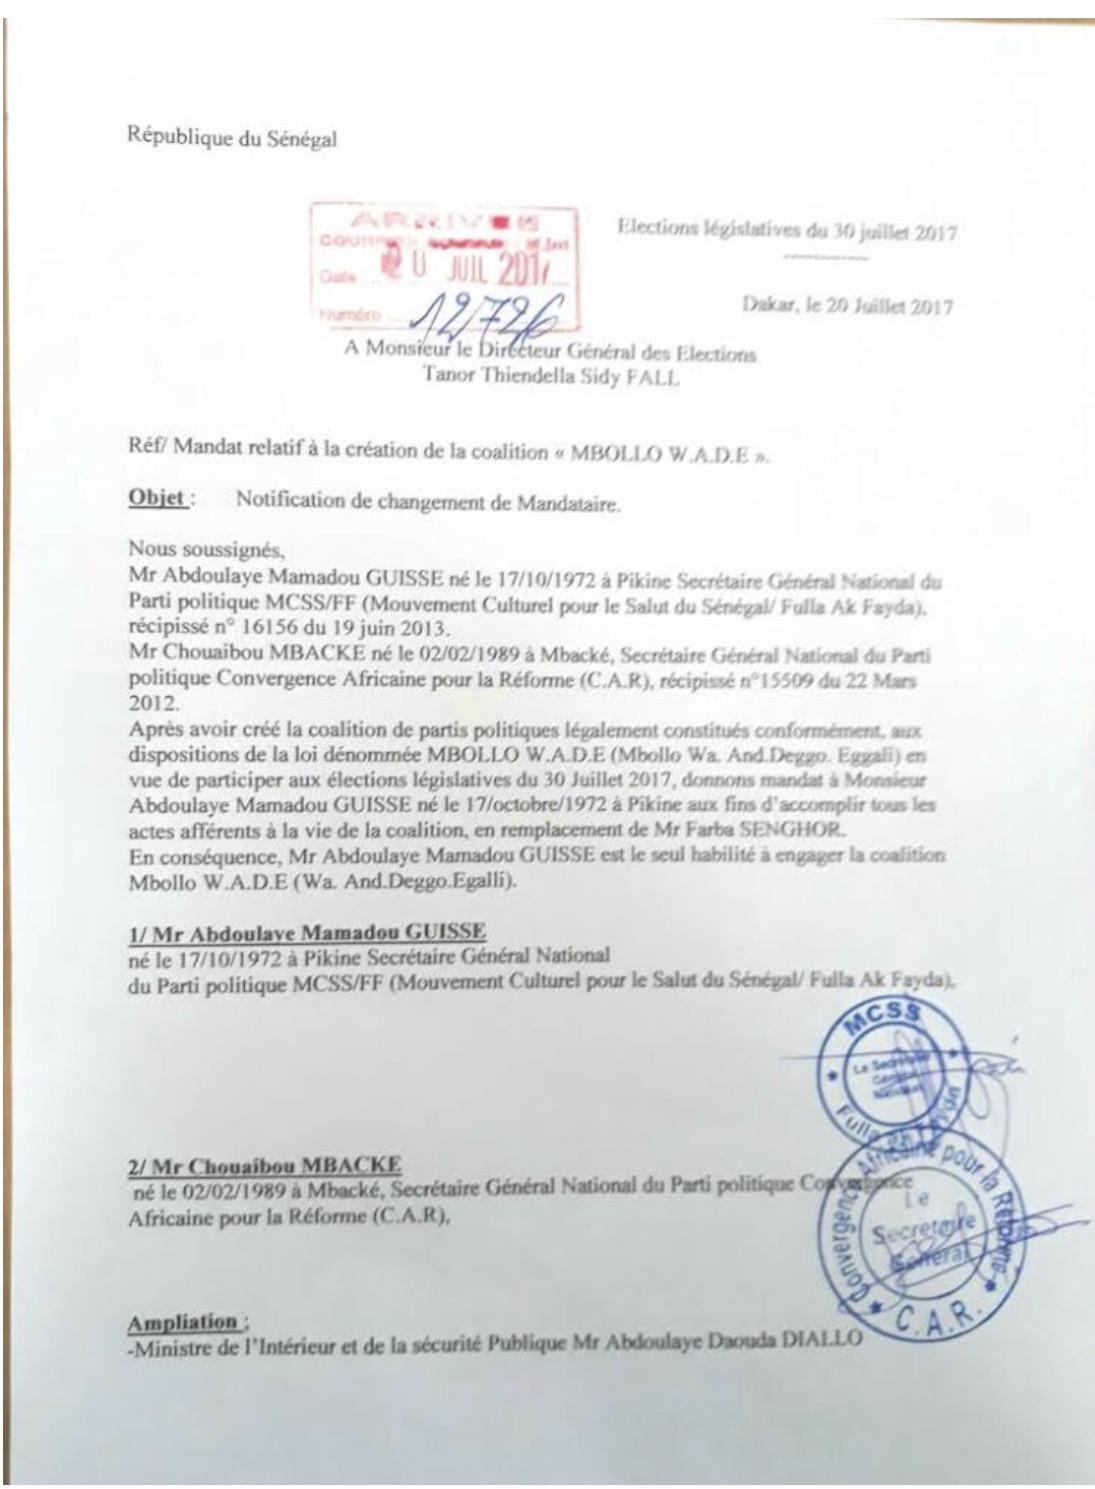 MALAISE À LA COALITION MBOLLO WADE : Farba Senghor remplacé de son poste de mandataire par Abdoulaye Mamadou Guissé…